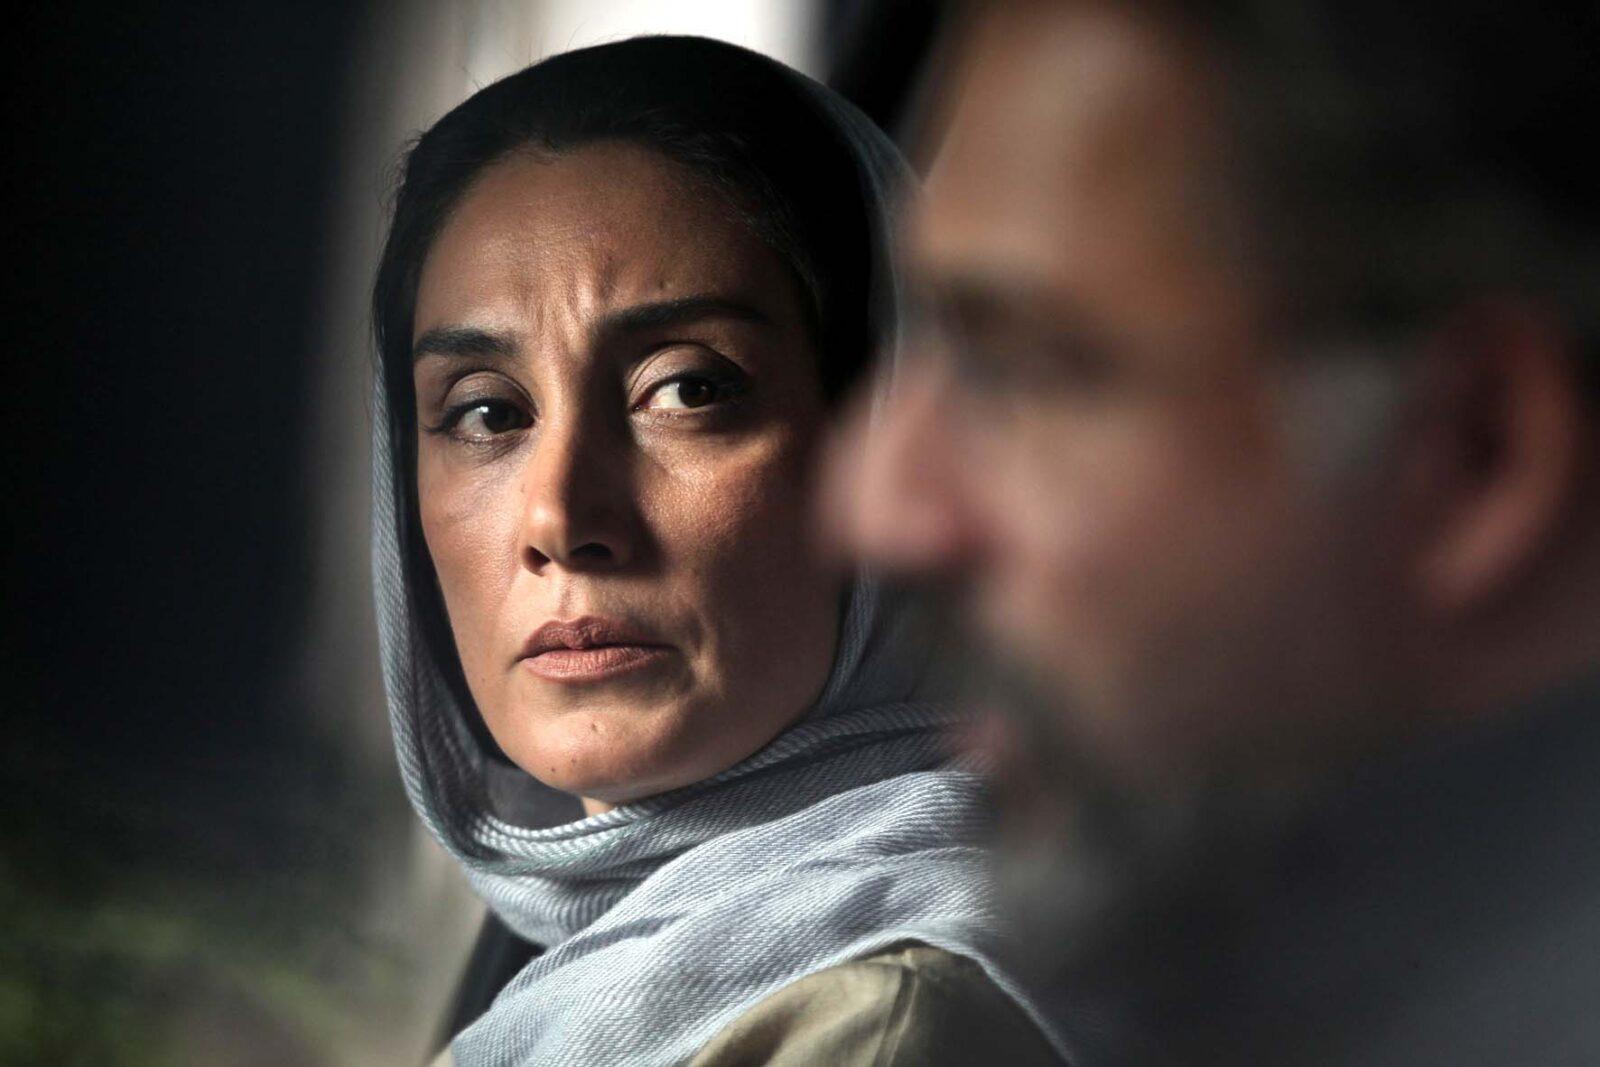 هدیه تهرانی در فیلم بدون تاریخ بدون امضا